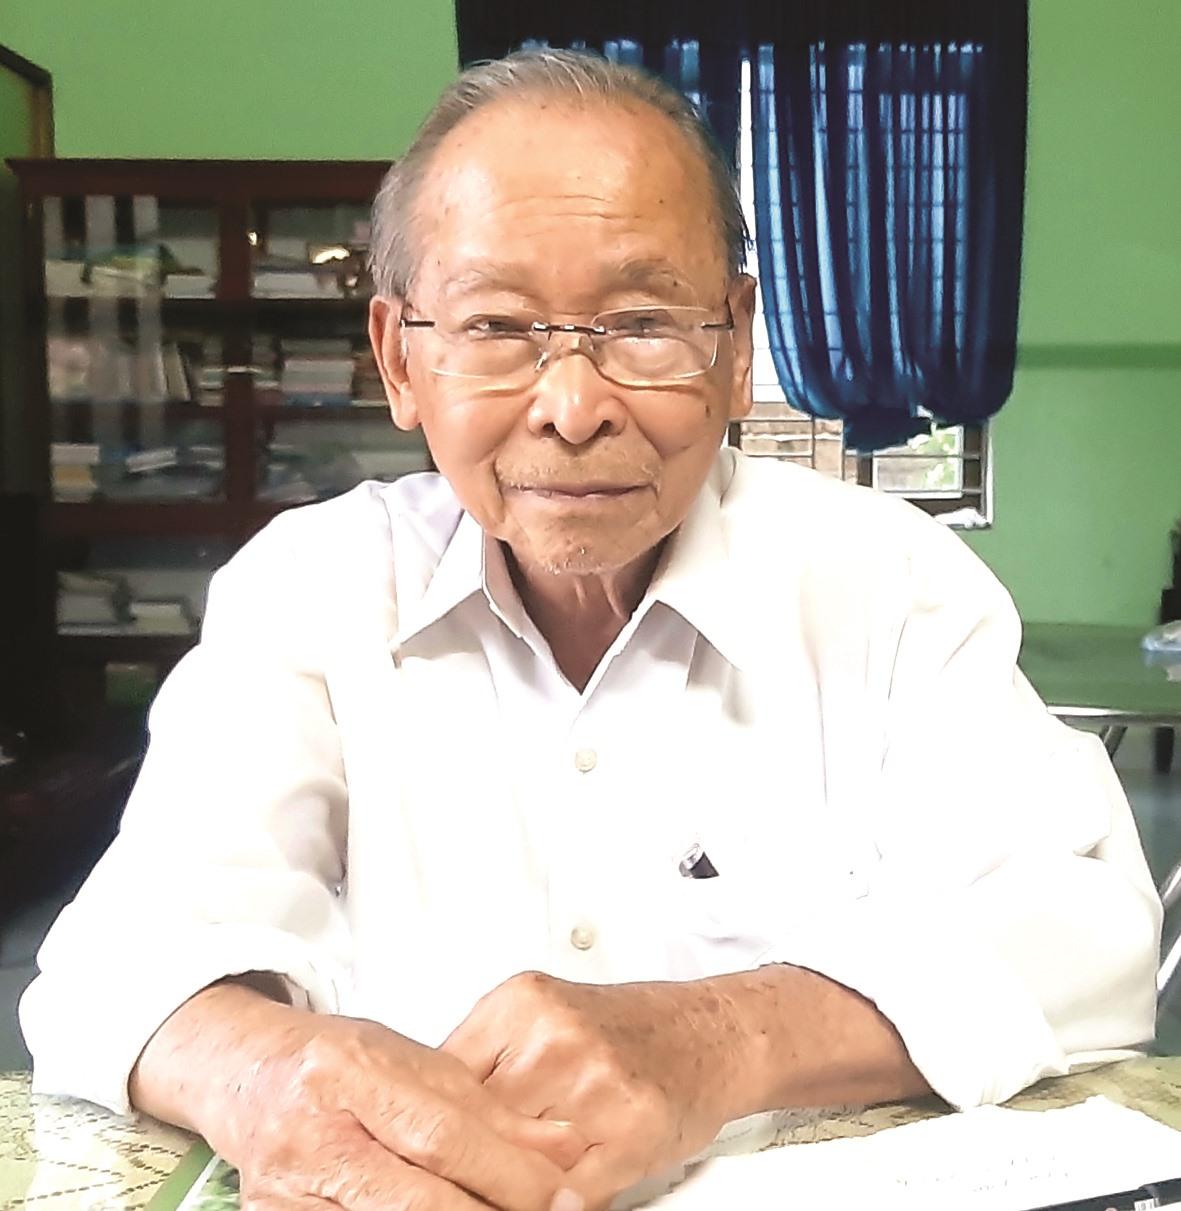 Ông Lê Đào.Ảnh: HOÀI NHI